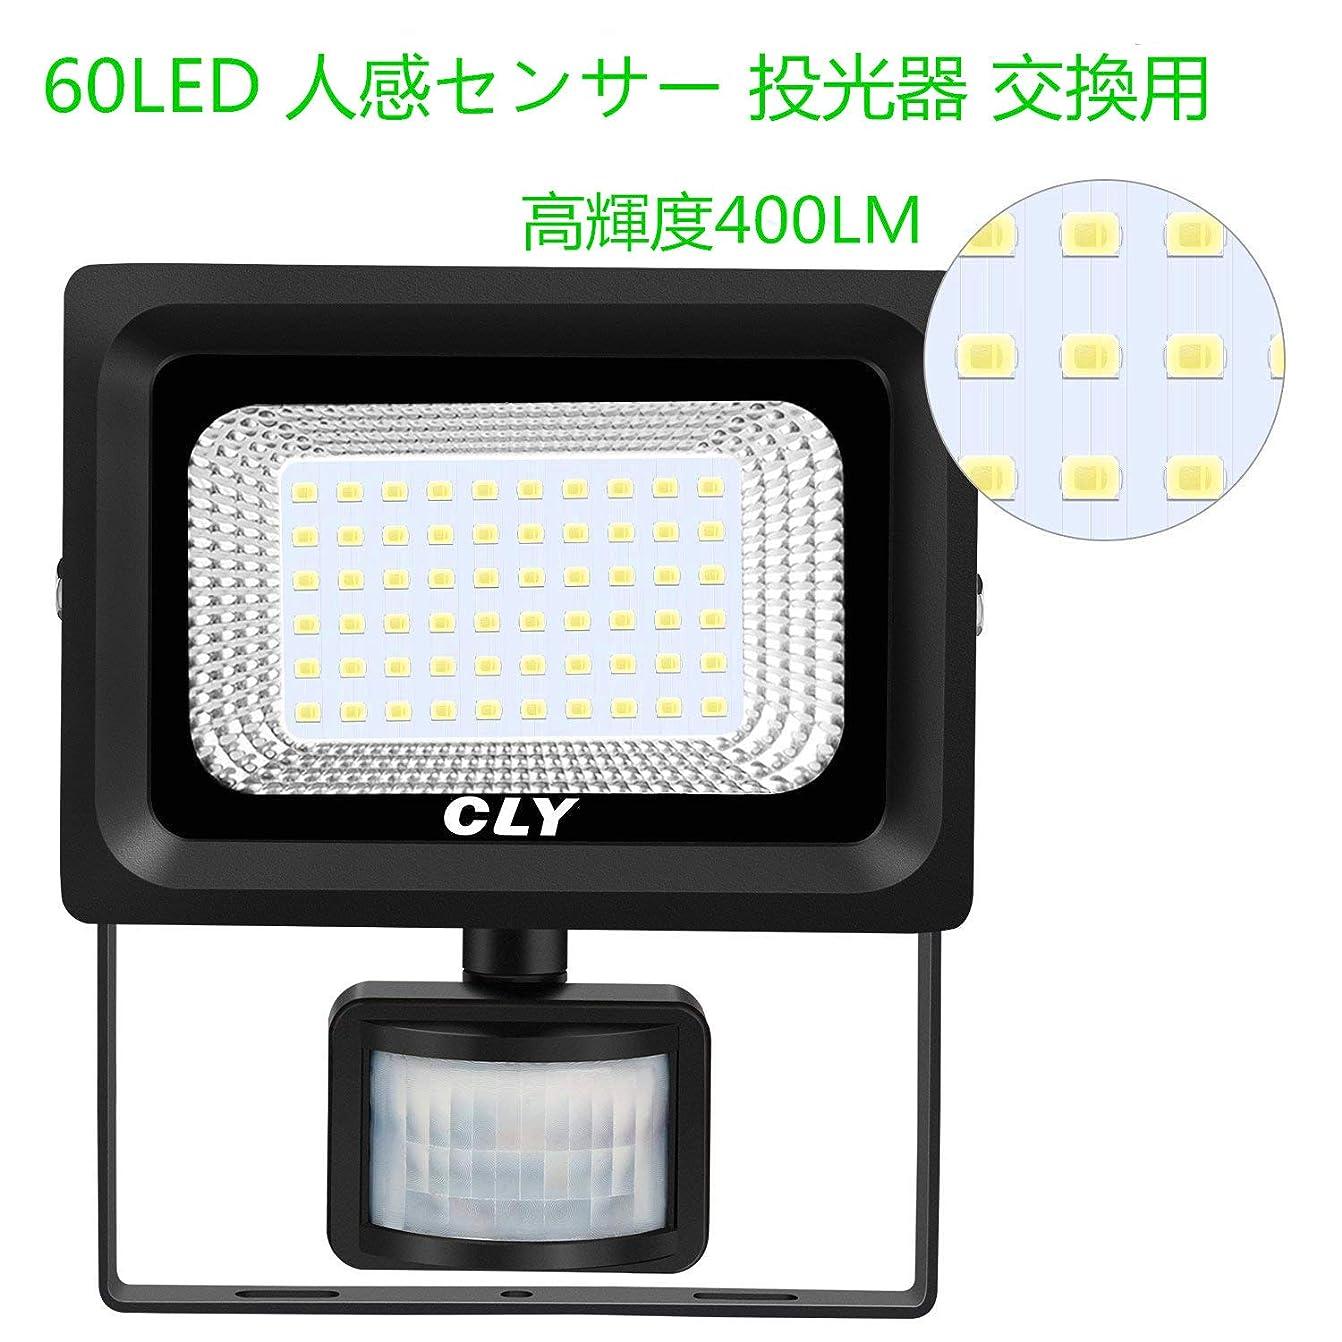 一月狂乱剪断CLY ソーラー人感センサーライト 誘導照明型 交換用ライト交換専用部品 単独では使えません